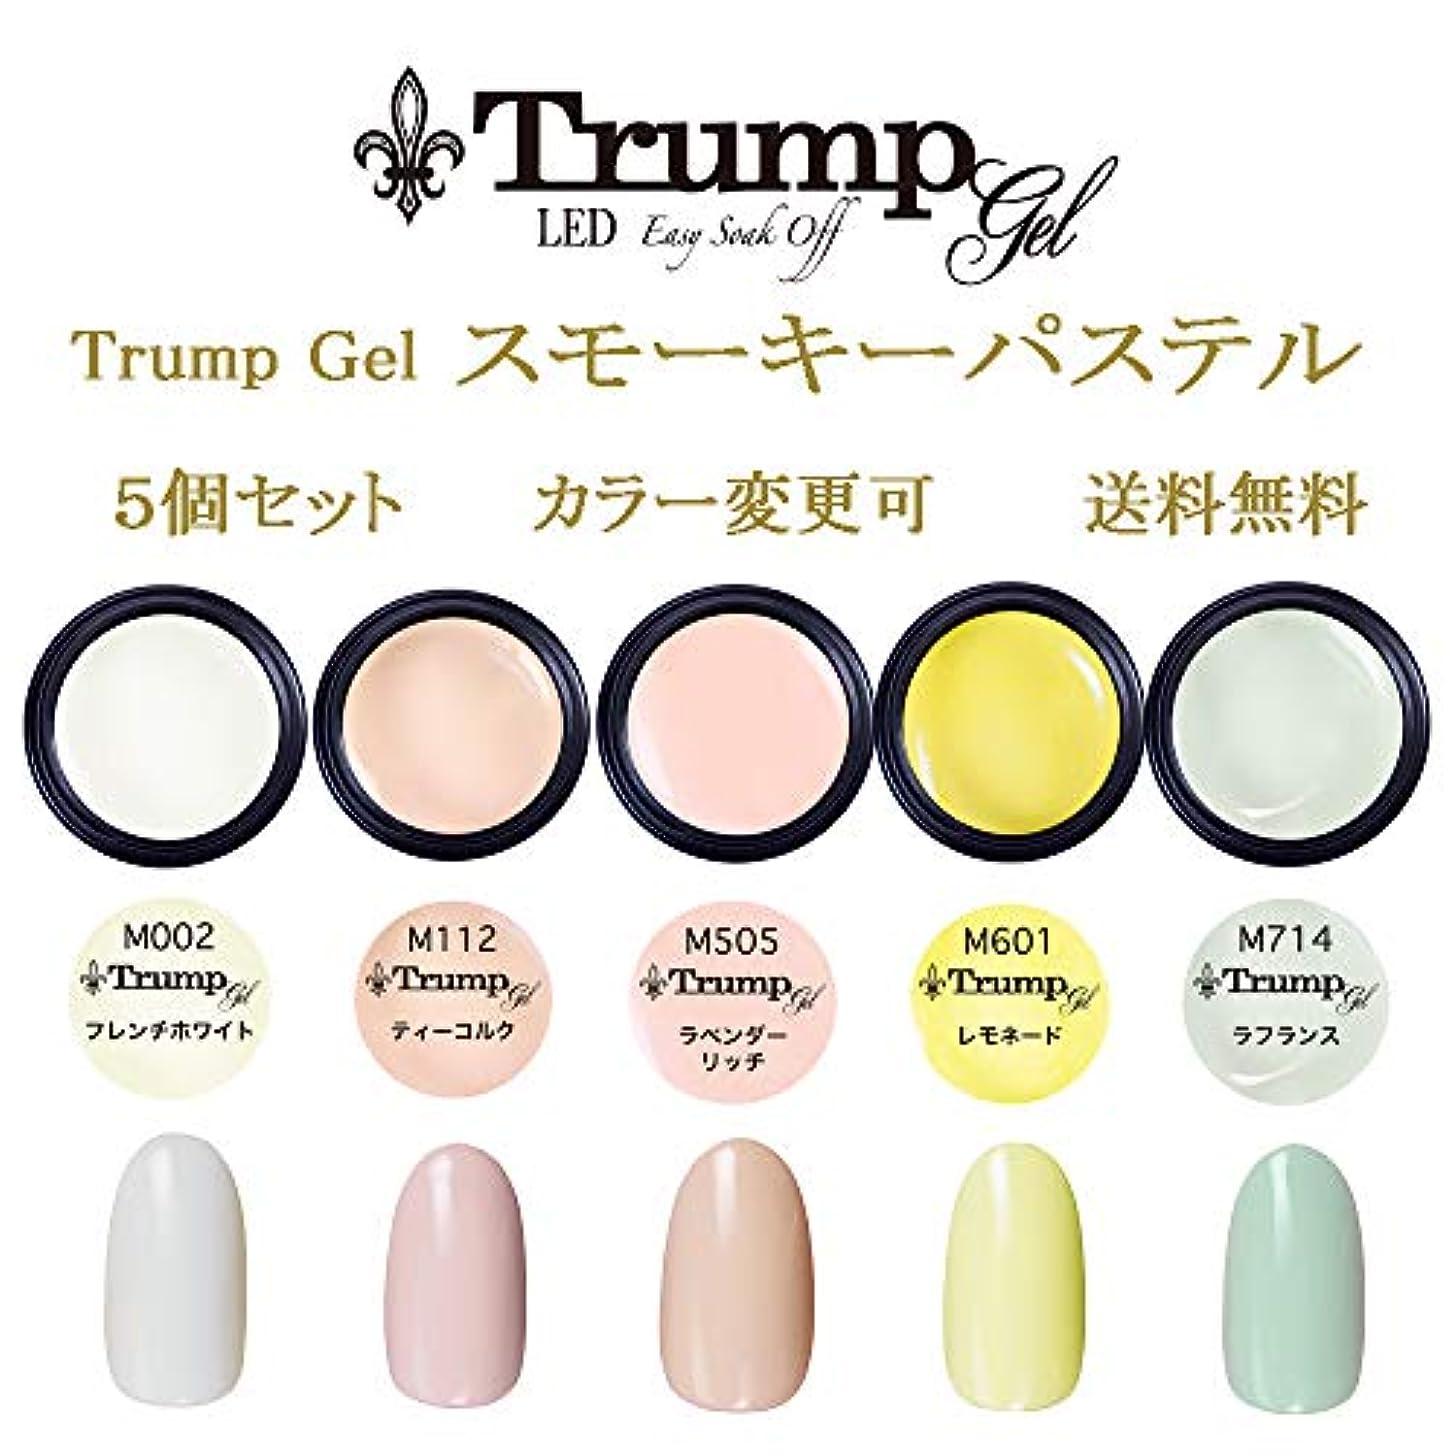 多くの危険がある状況衝撃うそつき日本製 Trump gel トランプジェル スモーキー パステルカラー 選べる カラージェル5個セット ホワイト ベージュ ピンク イエロー グリーン